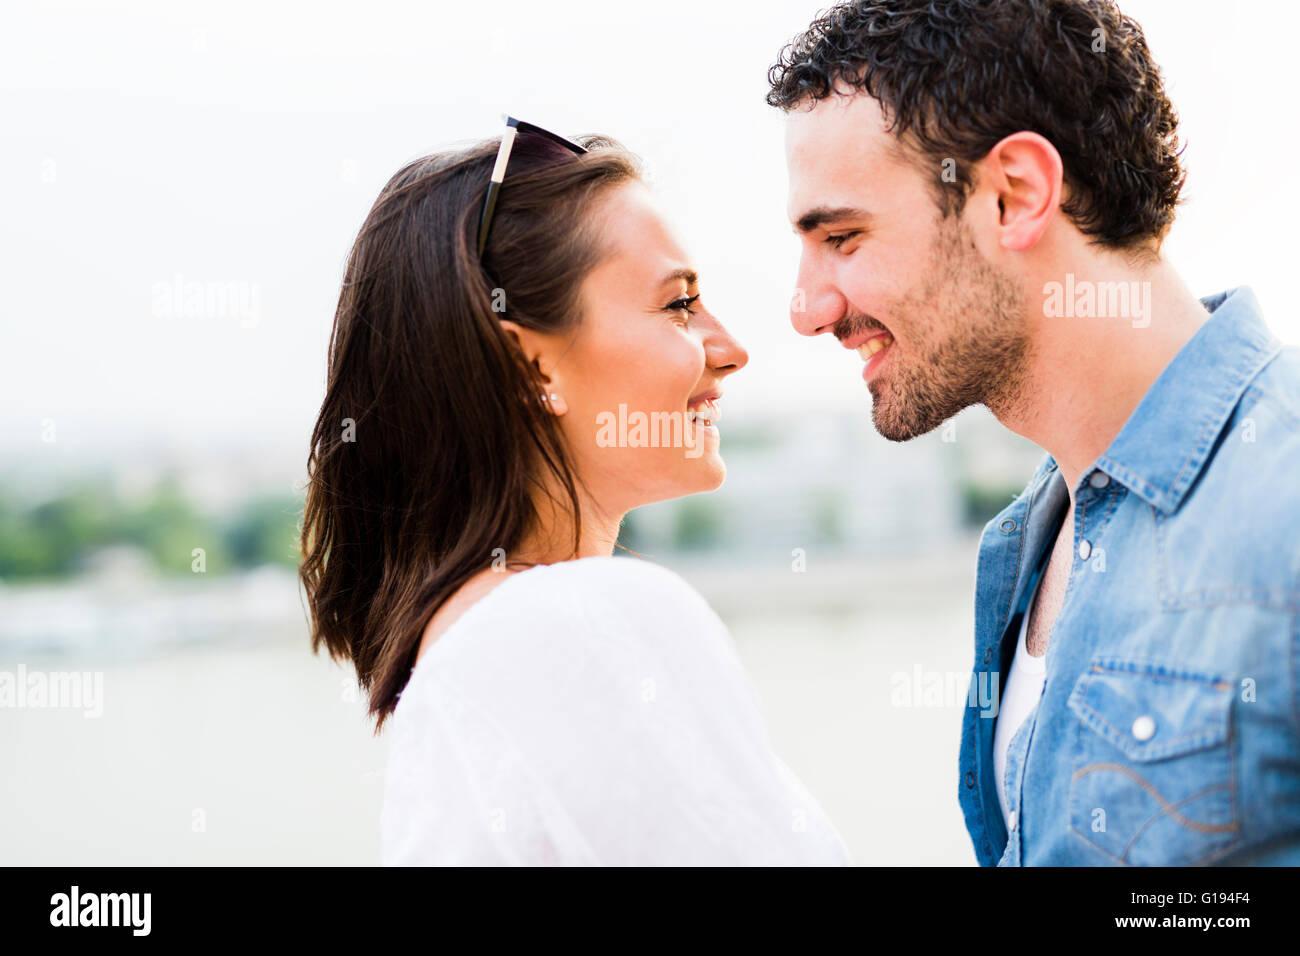 Hermosa joven pareja frotando la nariz como signo de amor y acerca a besan Foto de stock